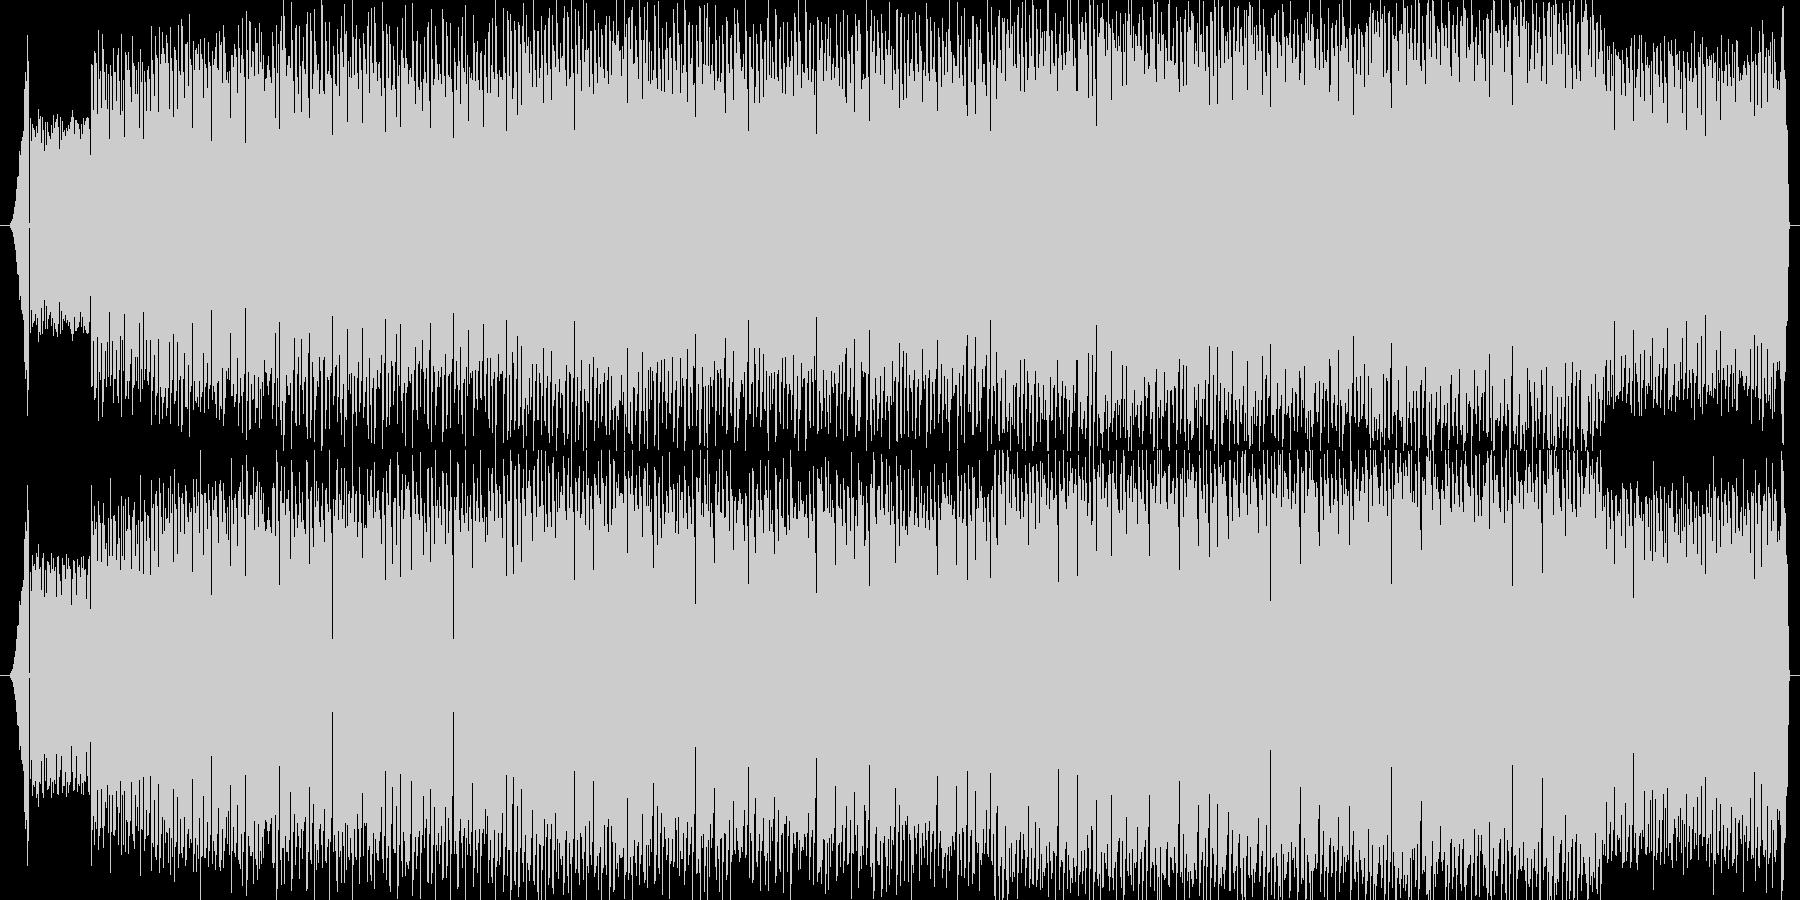 鬼気迫るアップテンポダンスミュージックの未再生の波形